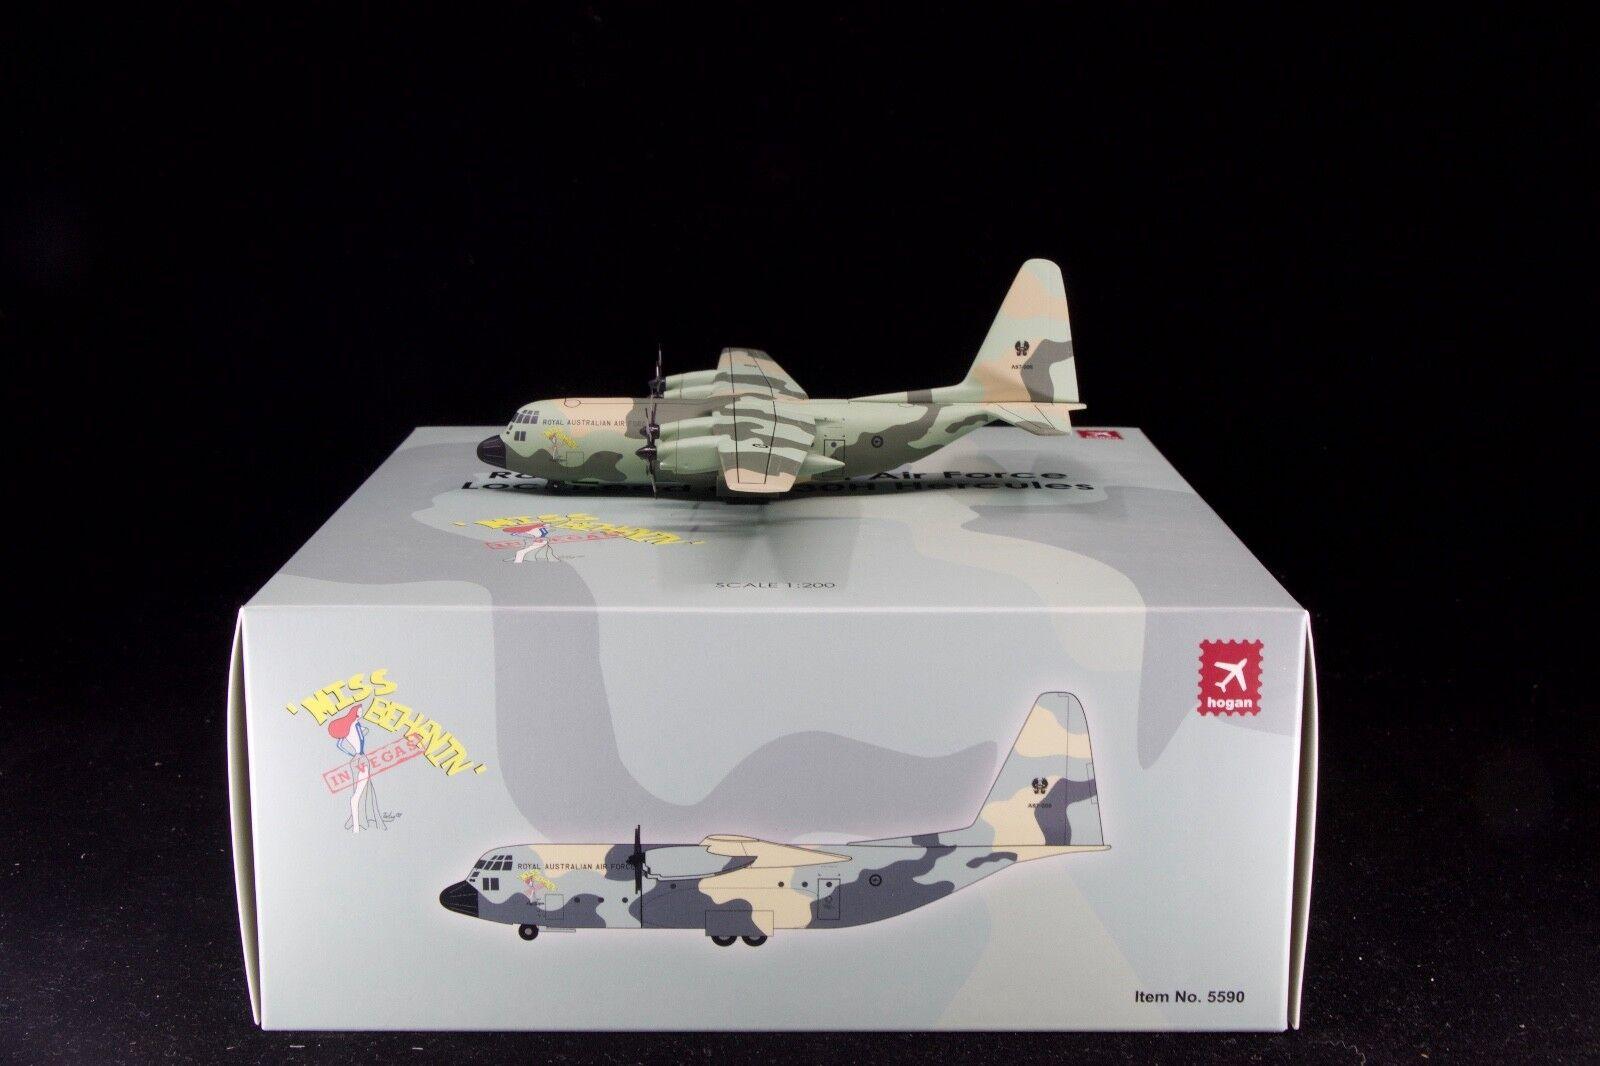 Hogan 1/200 Royal Australian Fuerza Aérea C-130 'Miss behavin' A97-006